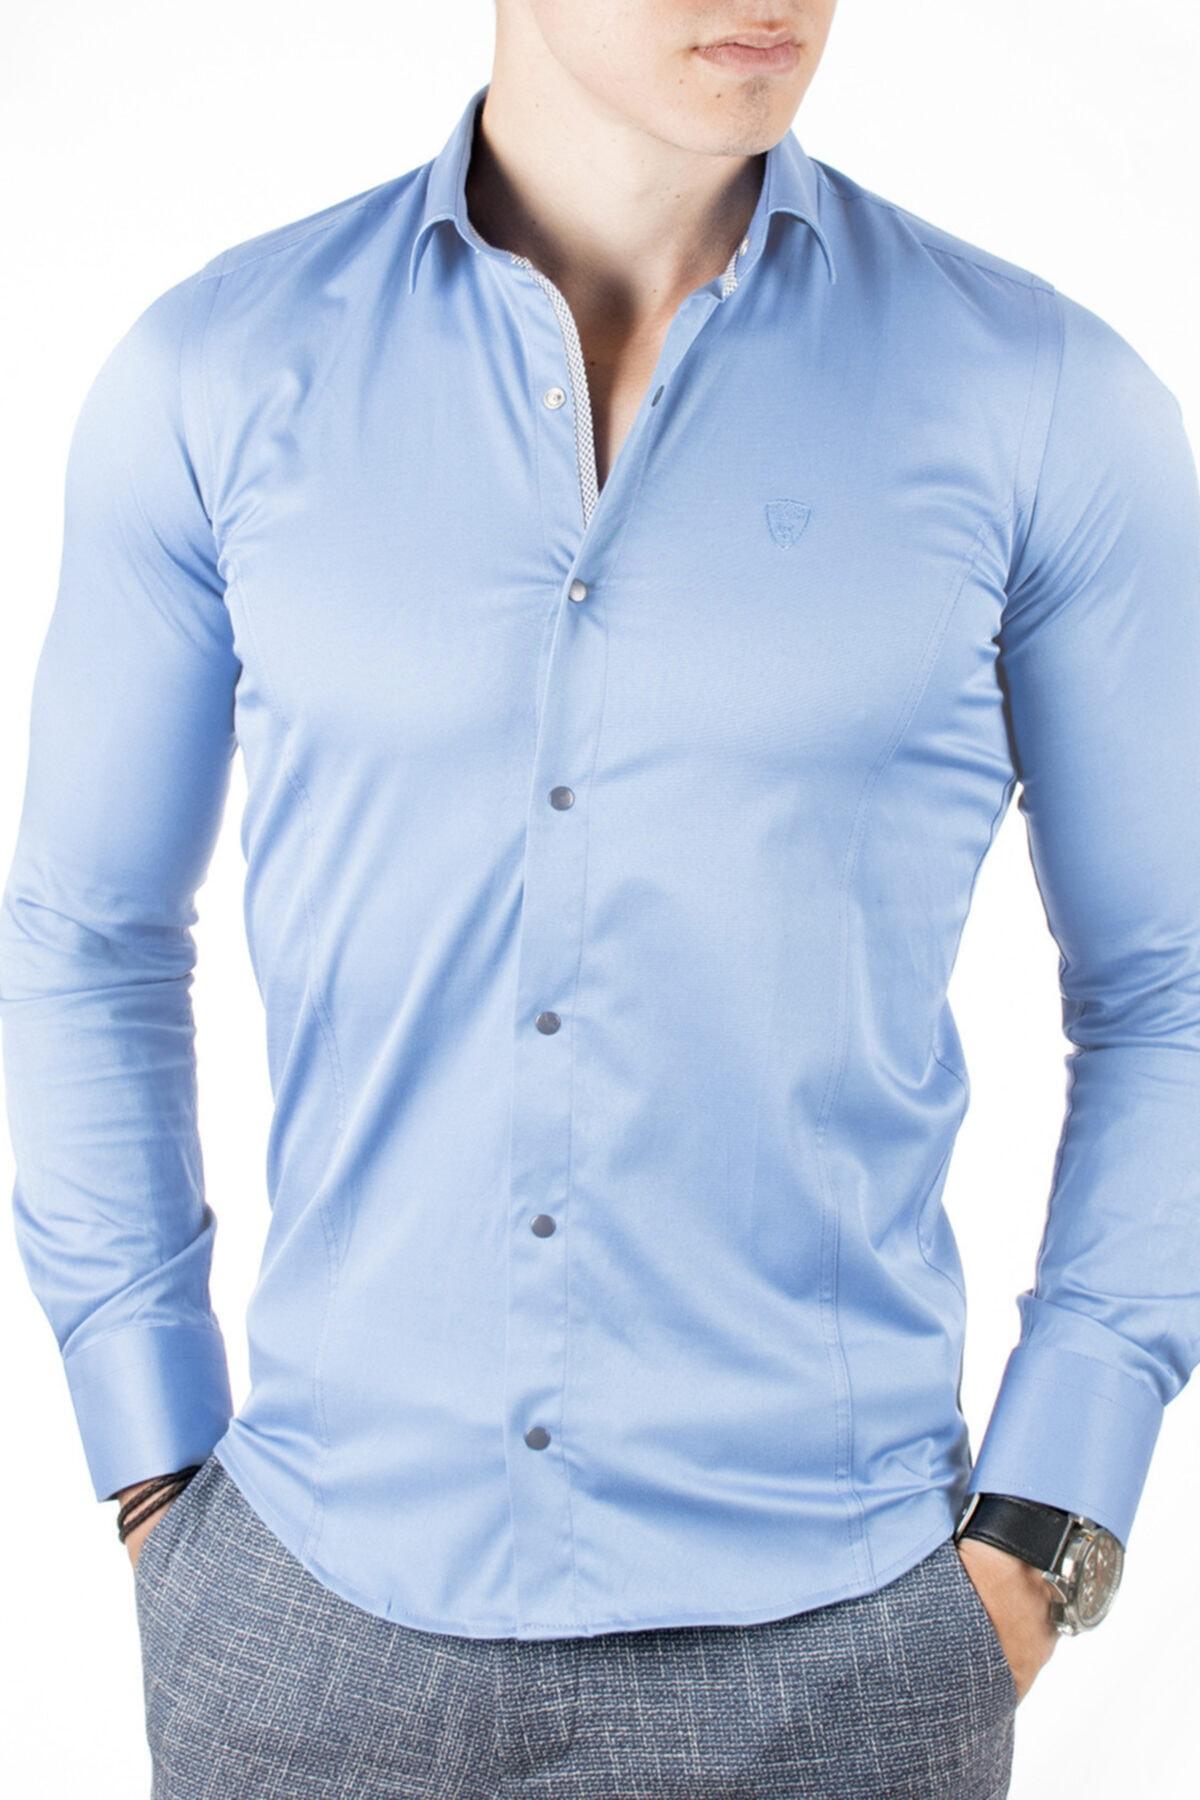 DeepSEA Erkek Mavi Çıtçıt Düğmeli Klasik Gömlek 2